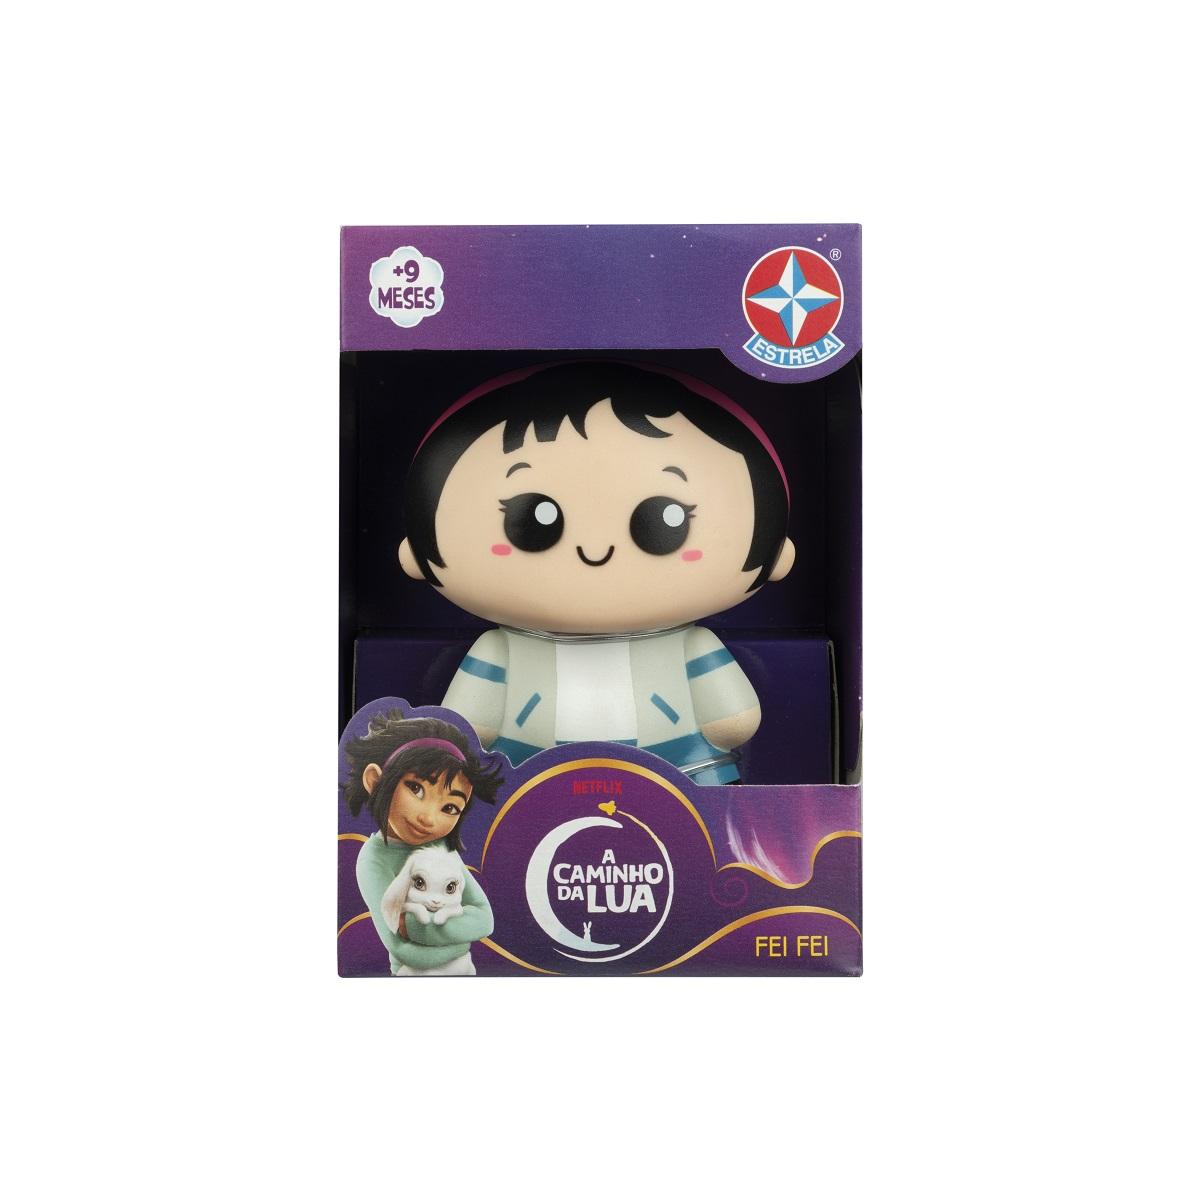 Toy Art A Caminho Da Lua - Fei Fei Estrela